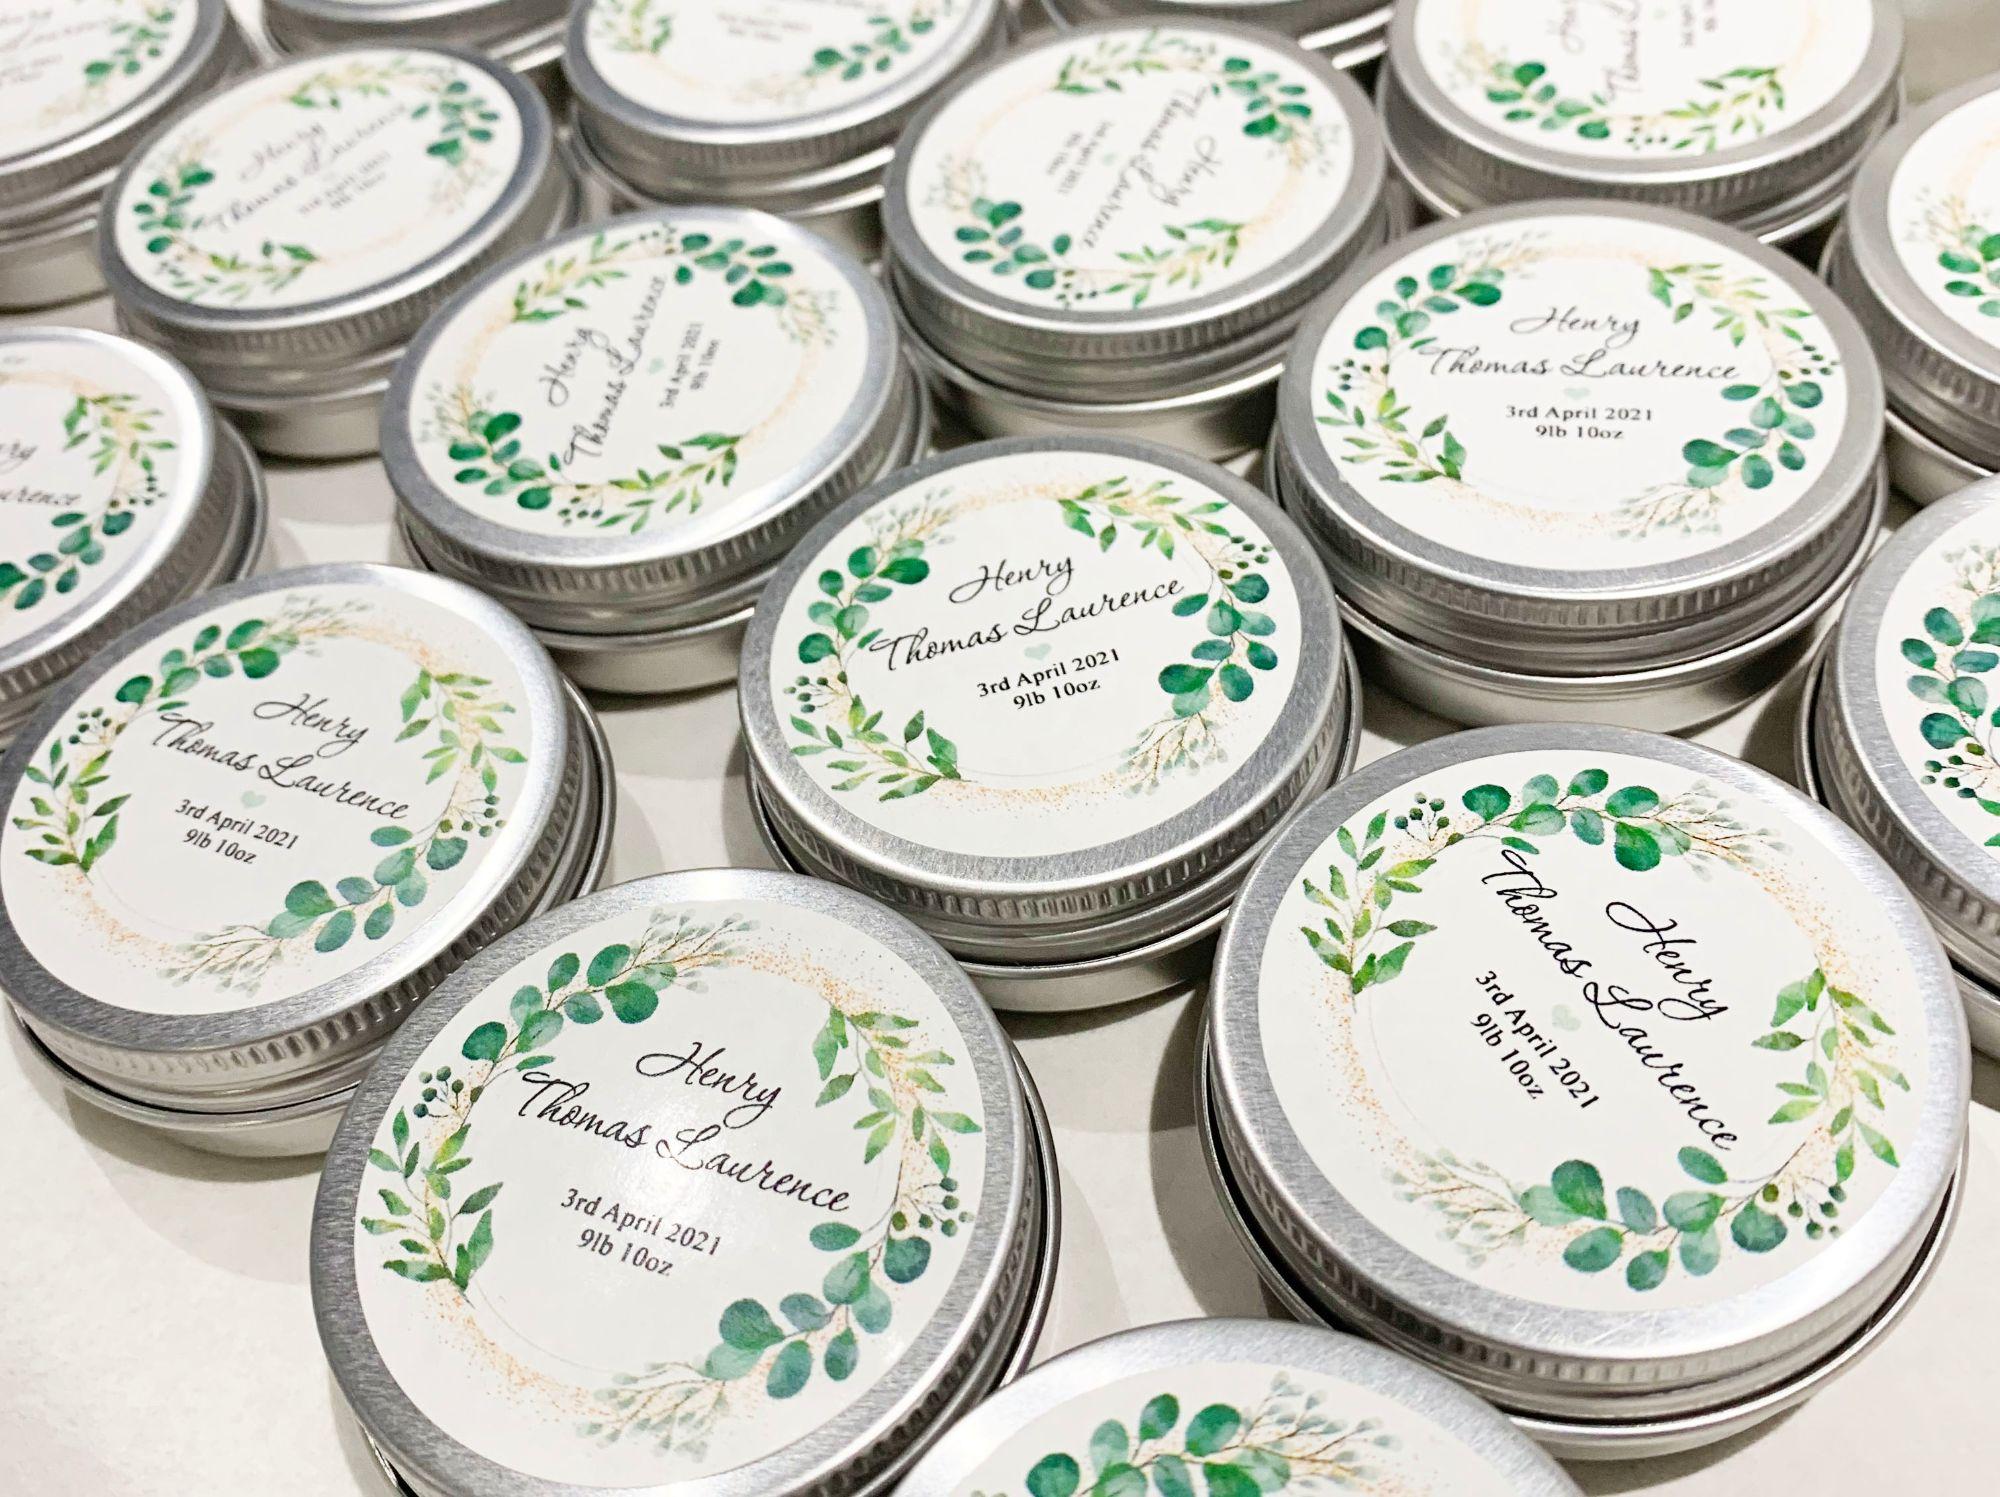 personalised favour tins keepsakes